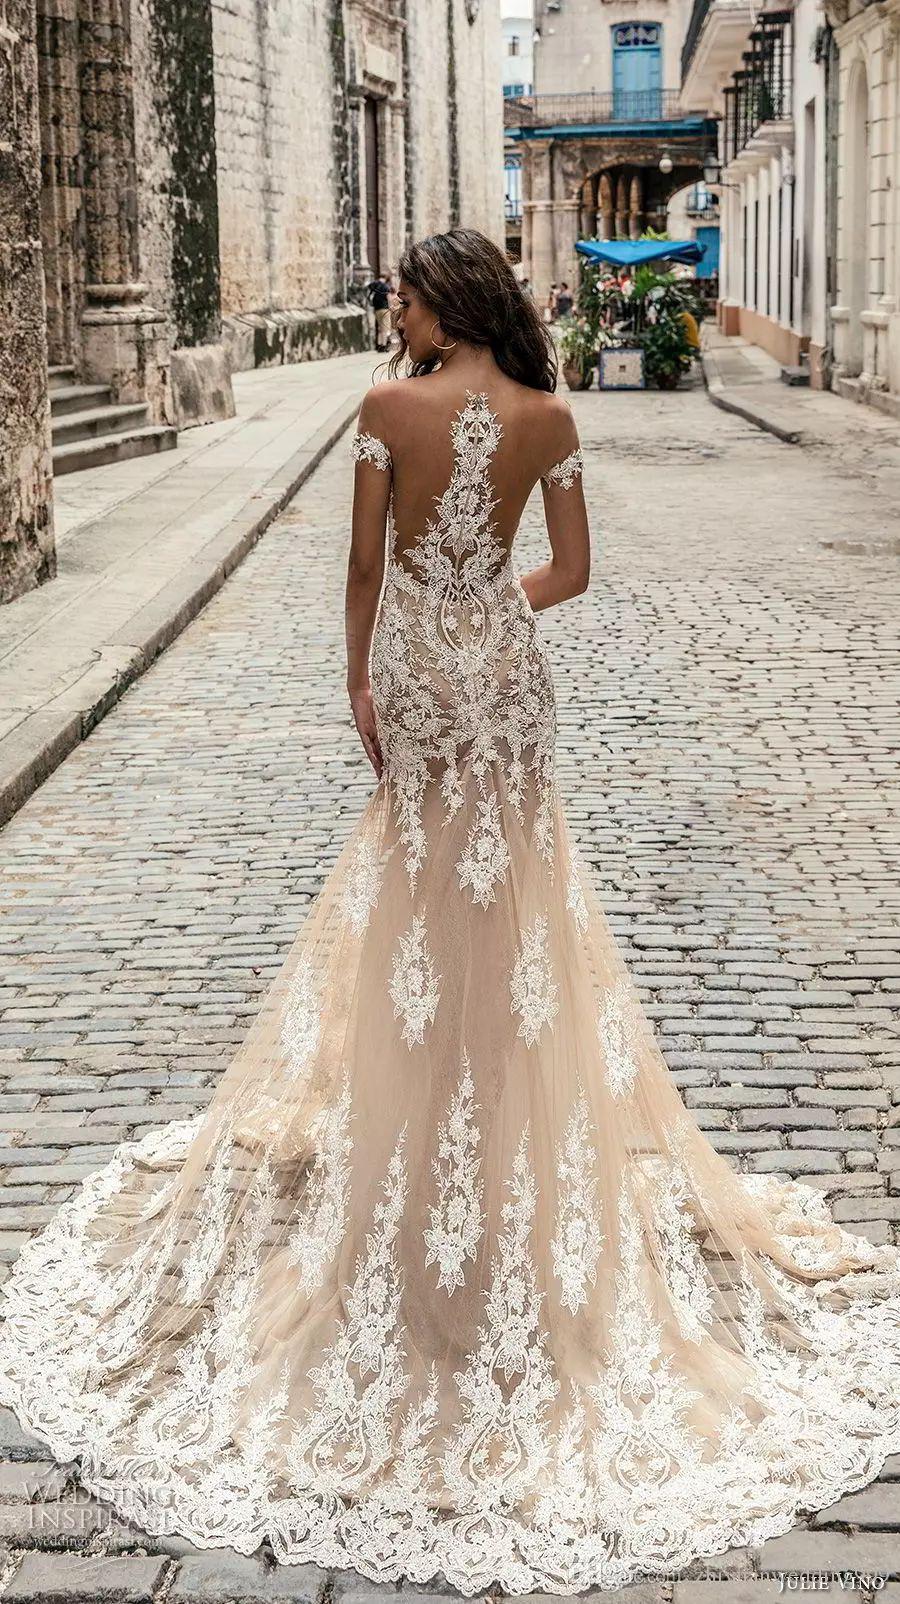 Champagne Julie Vino Brautkleider 2020 weg vom Schulter-Tief Tiefer Ausschnitt Brautkleider Sweep Zug Spitze Brautkleid nach Maß